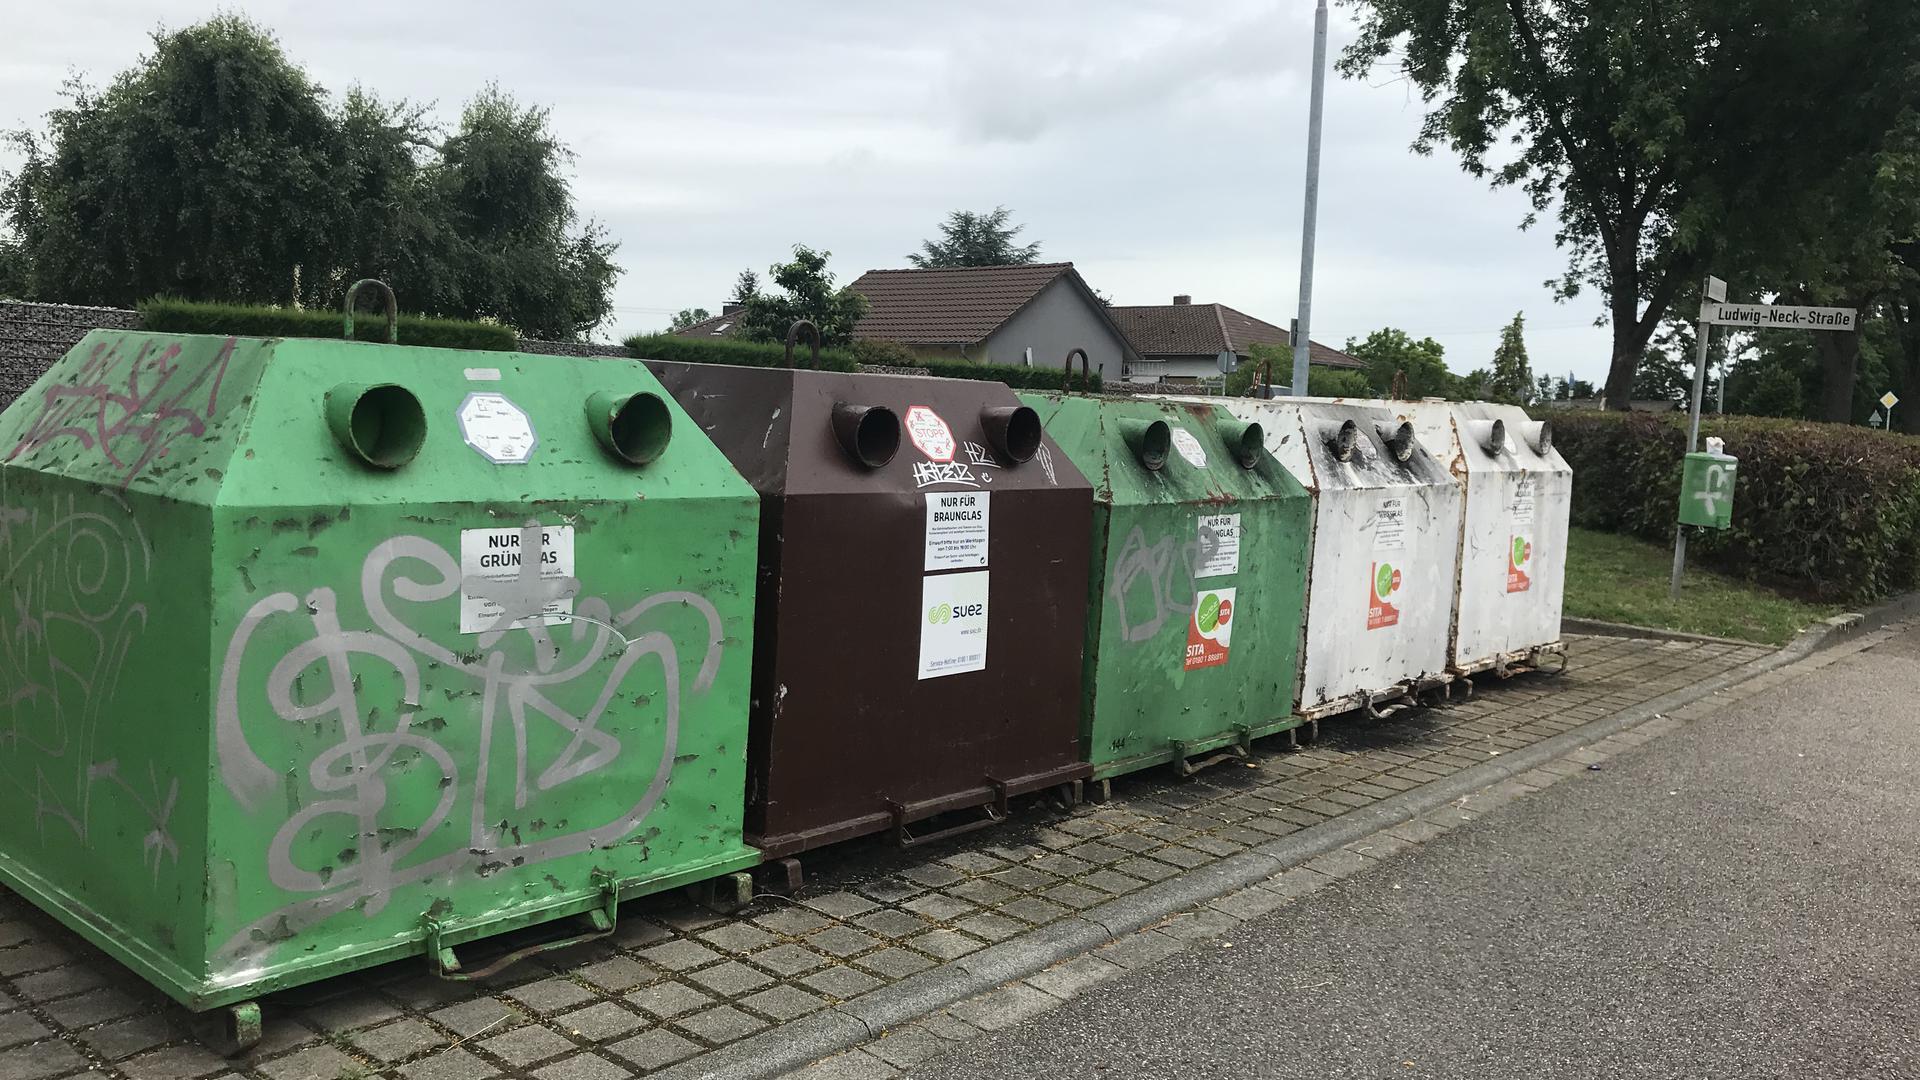 Kürzlich geleert: Anfang der Woche sahen die Altglas-Container in der Ludwig-Neck-Straße in Eggenstein-Leopoldshafen ordentlich aus. Flaschen oder Gläser standen weder daneben noch darauf.